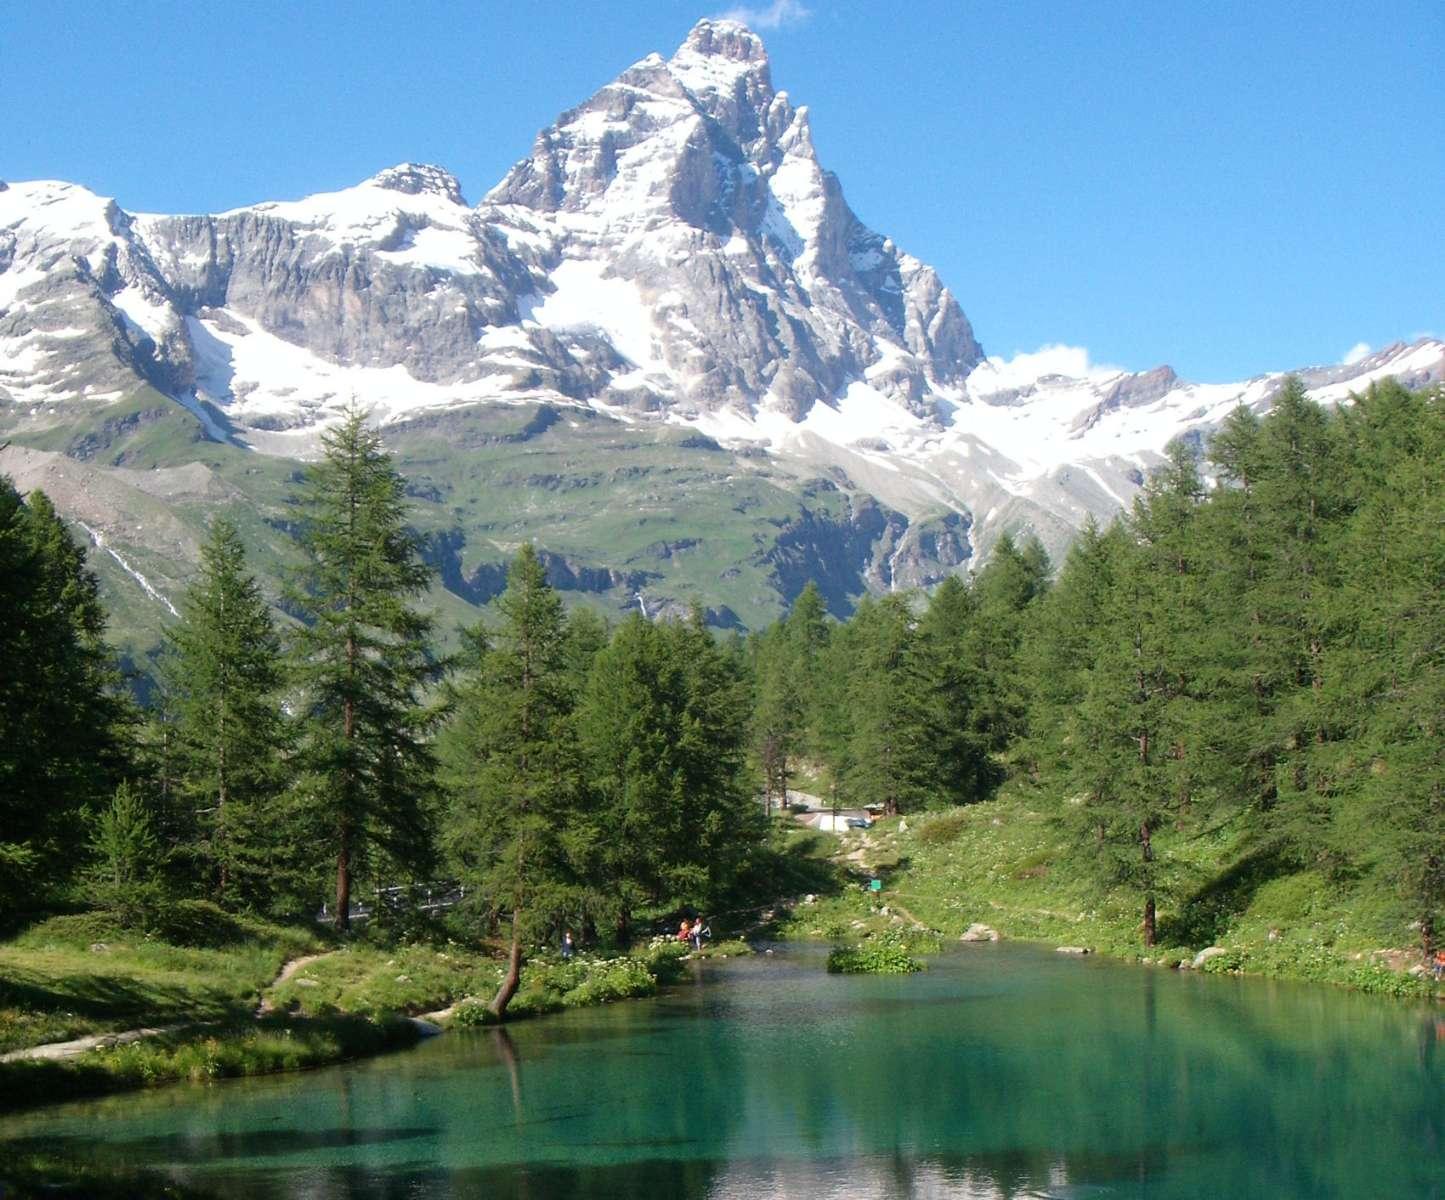 Indbydende landskaber både sommer og vinter